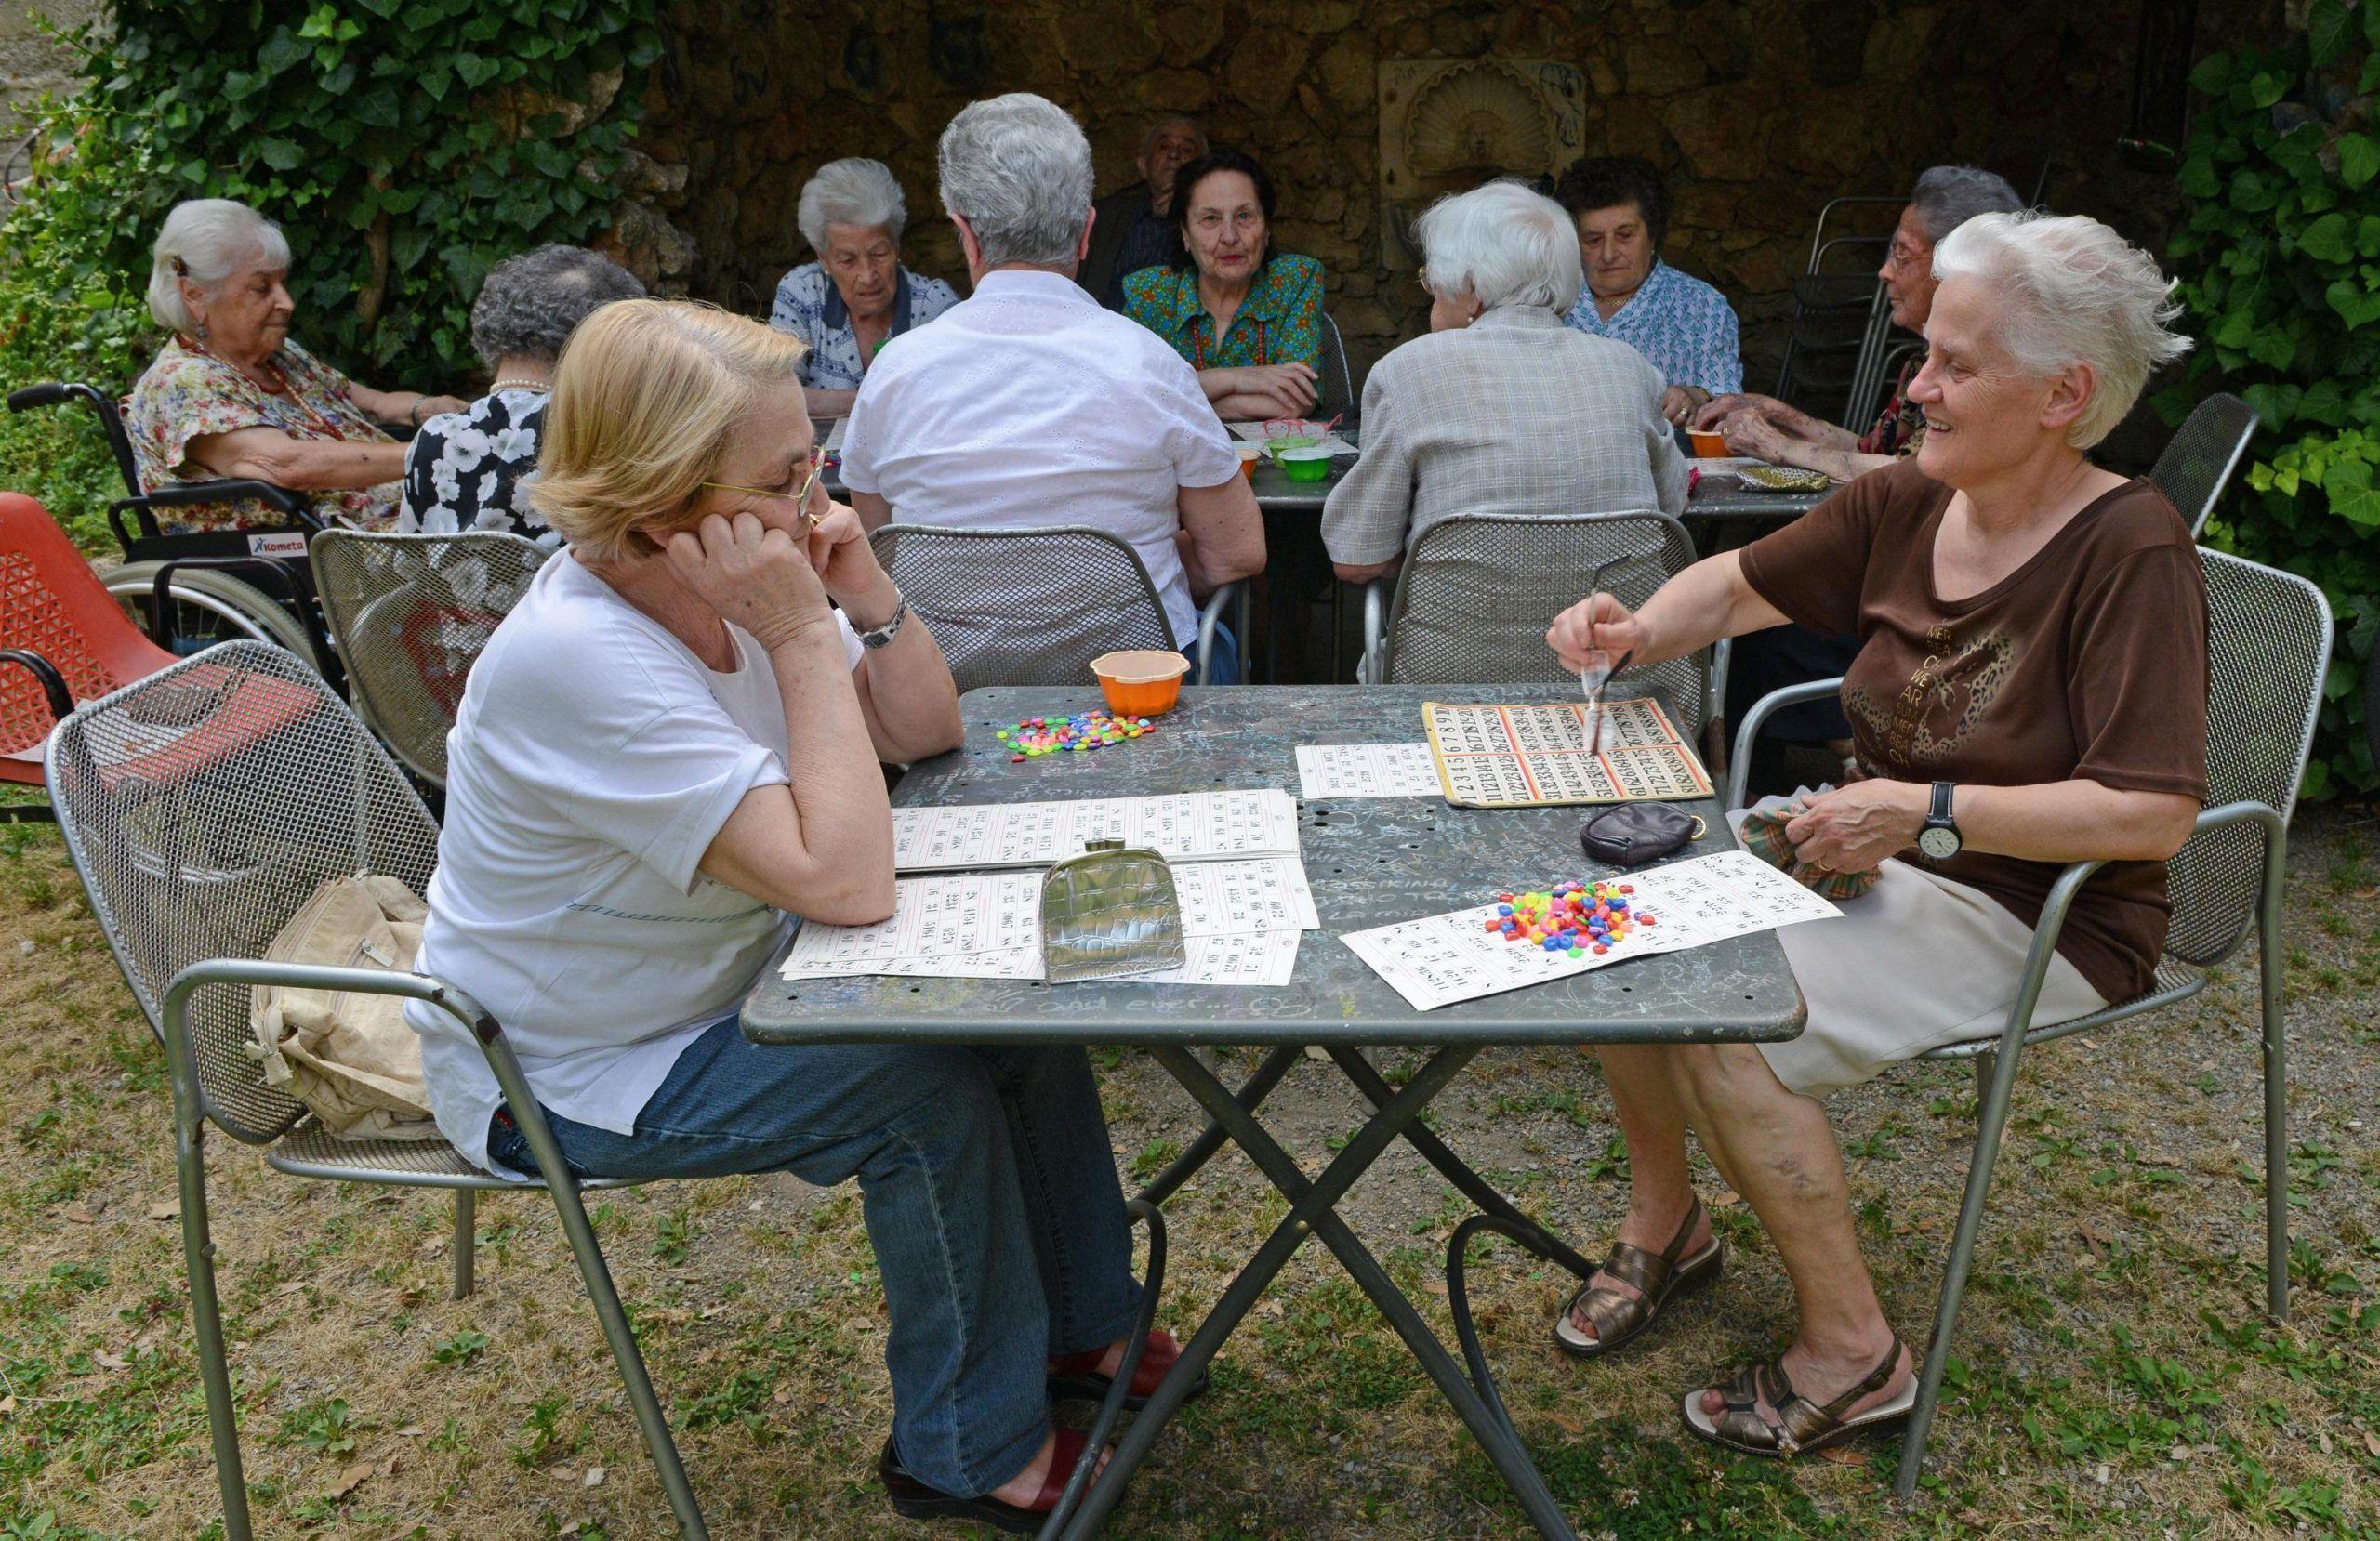 Pensione di vecchiaia e pensione di anzianità: qual è la differenza?